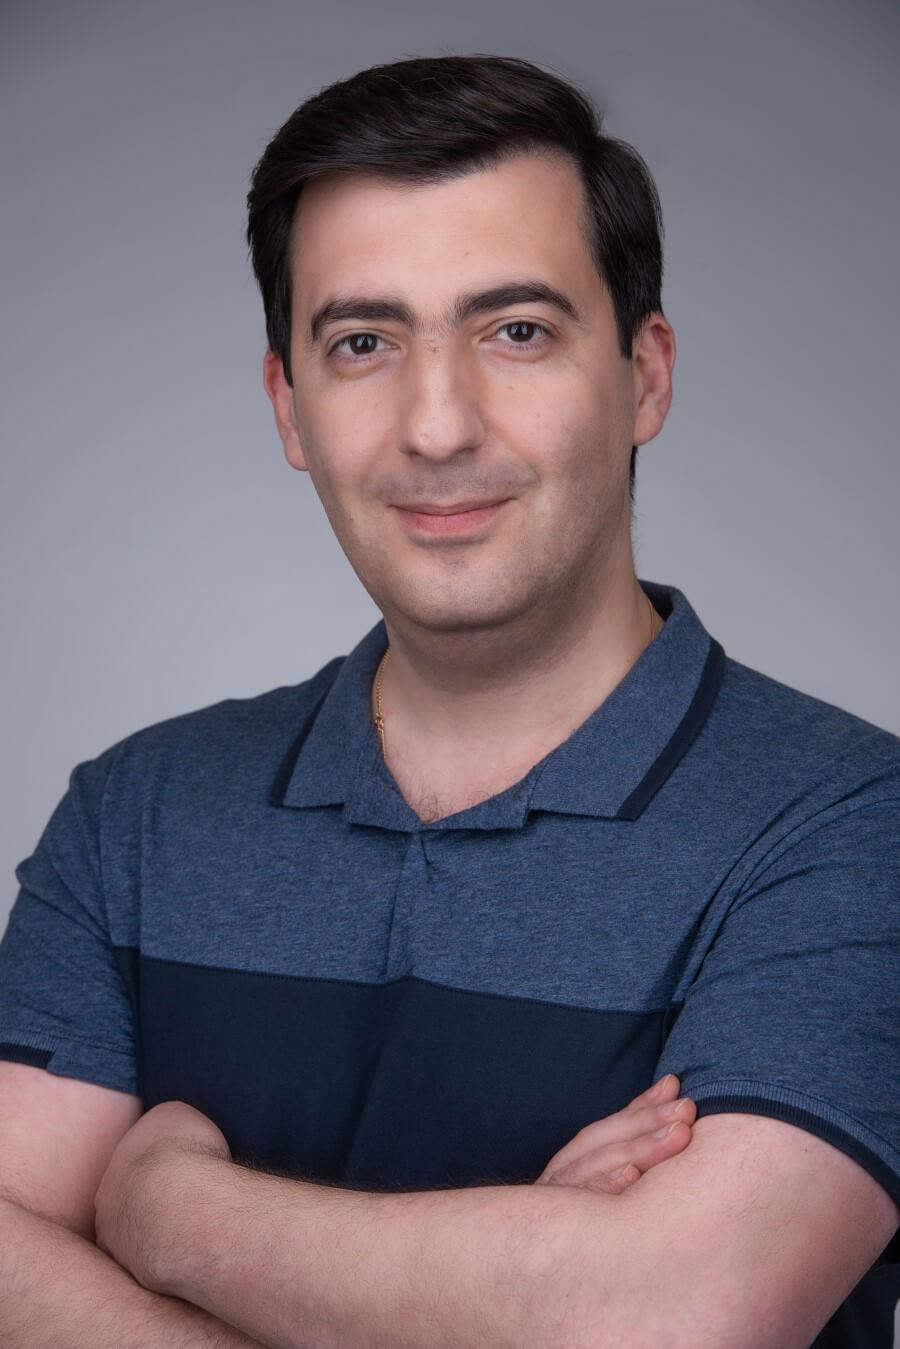 Армен Аветисян Вице-президент по интернету вещей и промышленной автоматизации